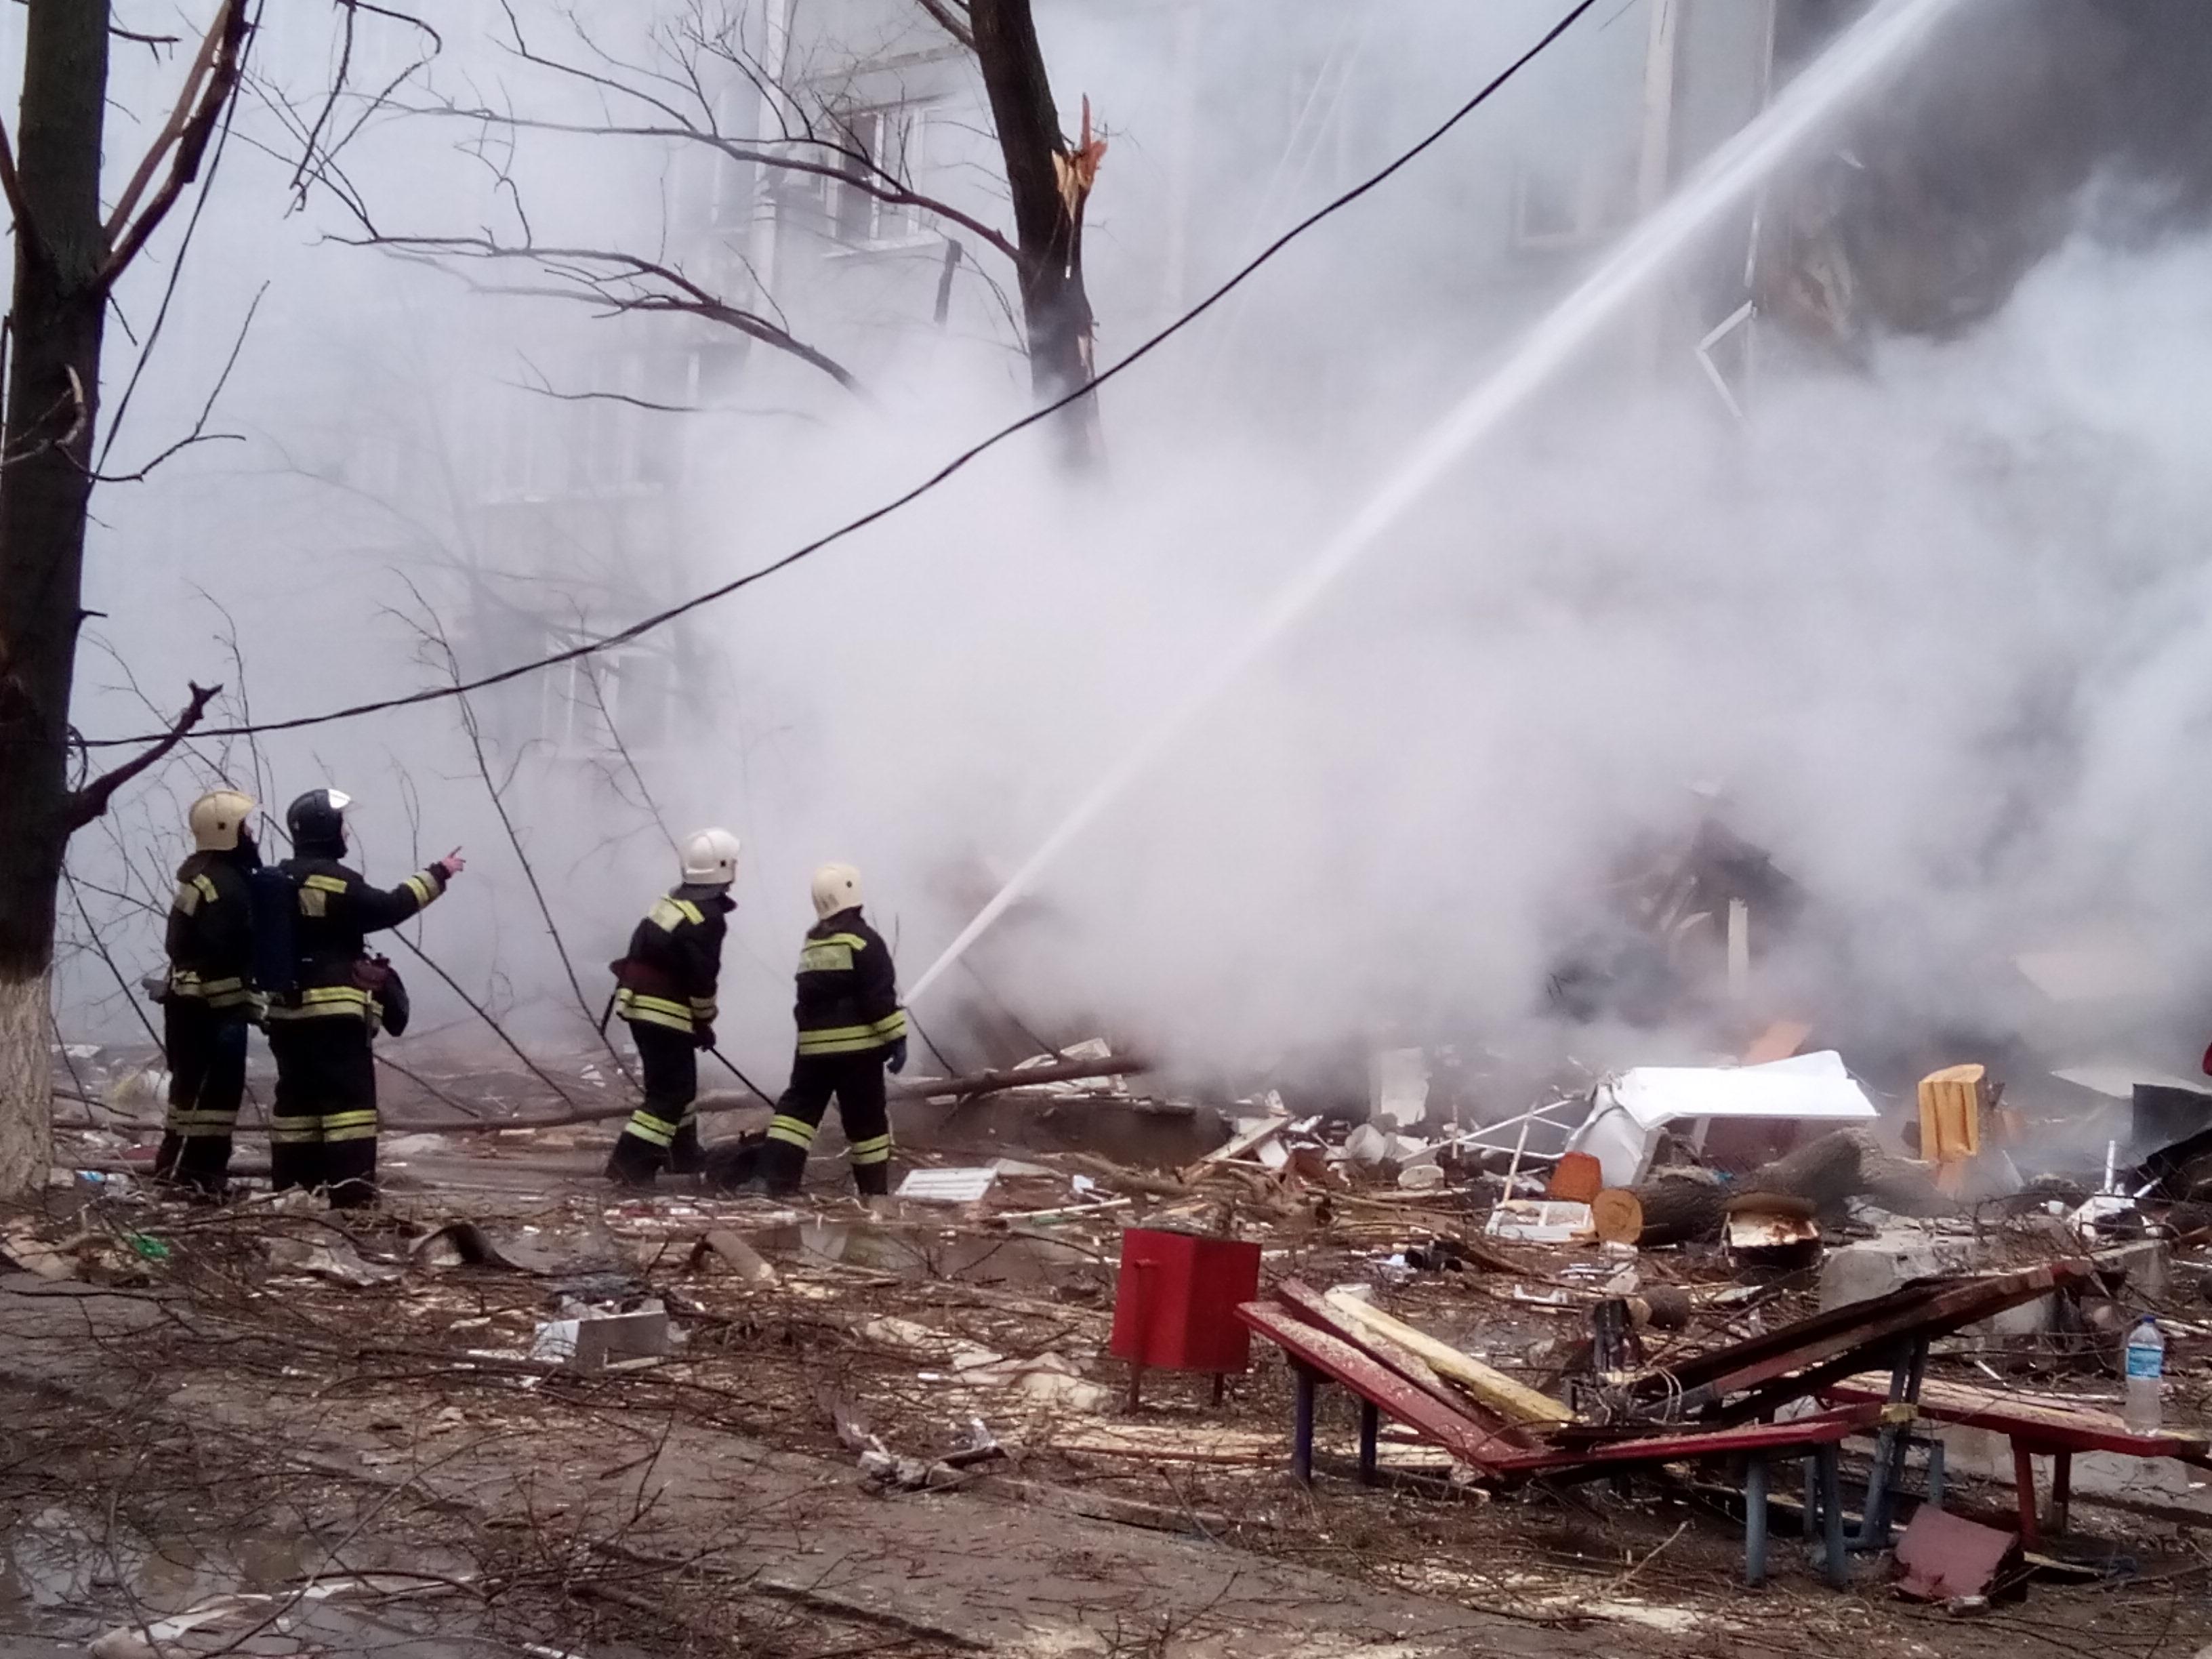 В Волгограде в 9-этажке прогремел взрыв, обвалилось 4 этажа, есть пострадавшие